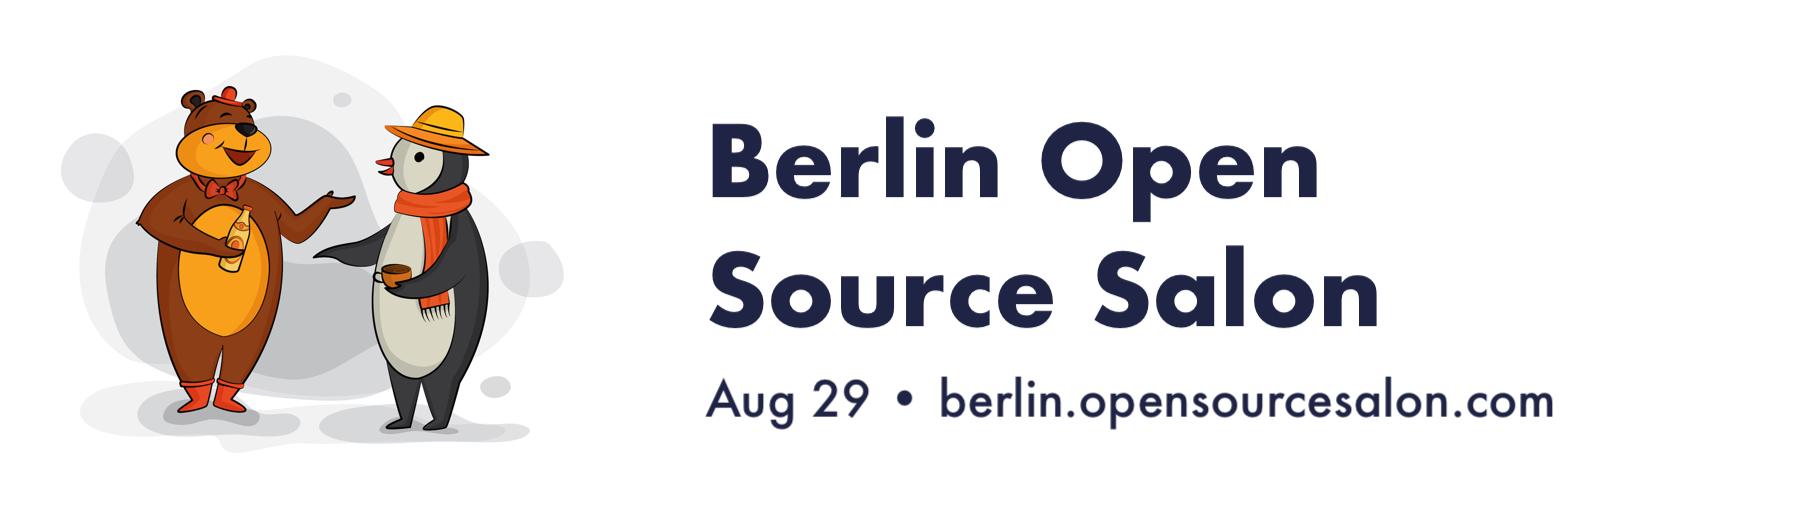 Berlin Open Source Salon 2019